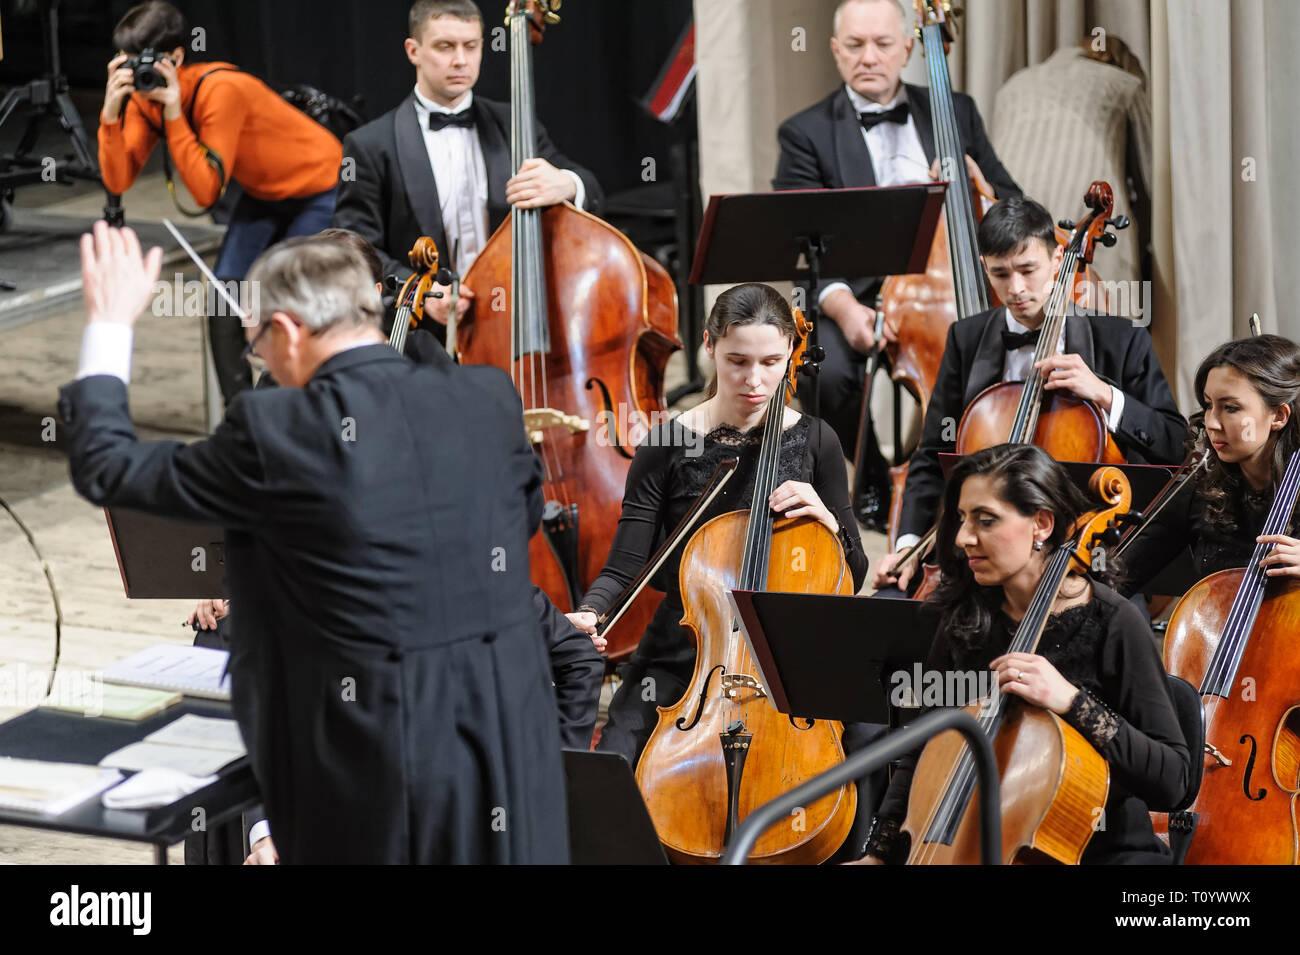 Tiumen, Rusia - 25 de enero de 2017: Concierto de la orquesta filarmónica de Tyumen para fotógrafos. El grupo toca contrabajo Foto de stock